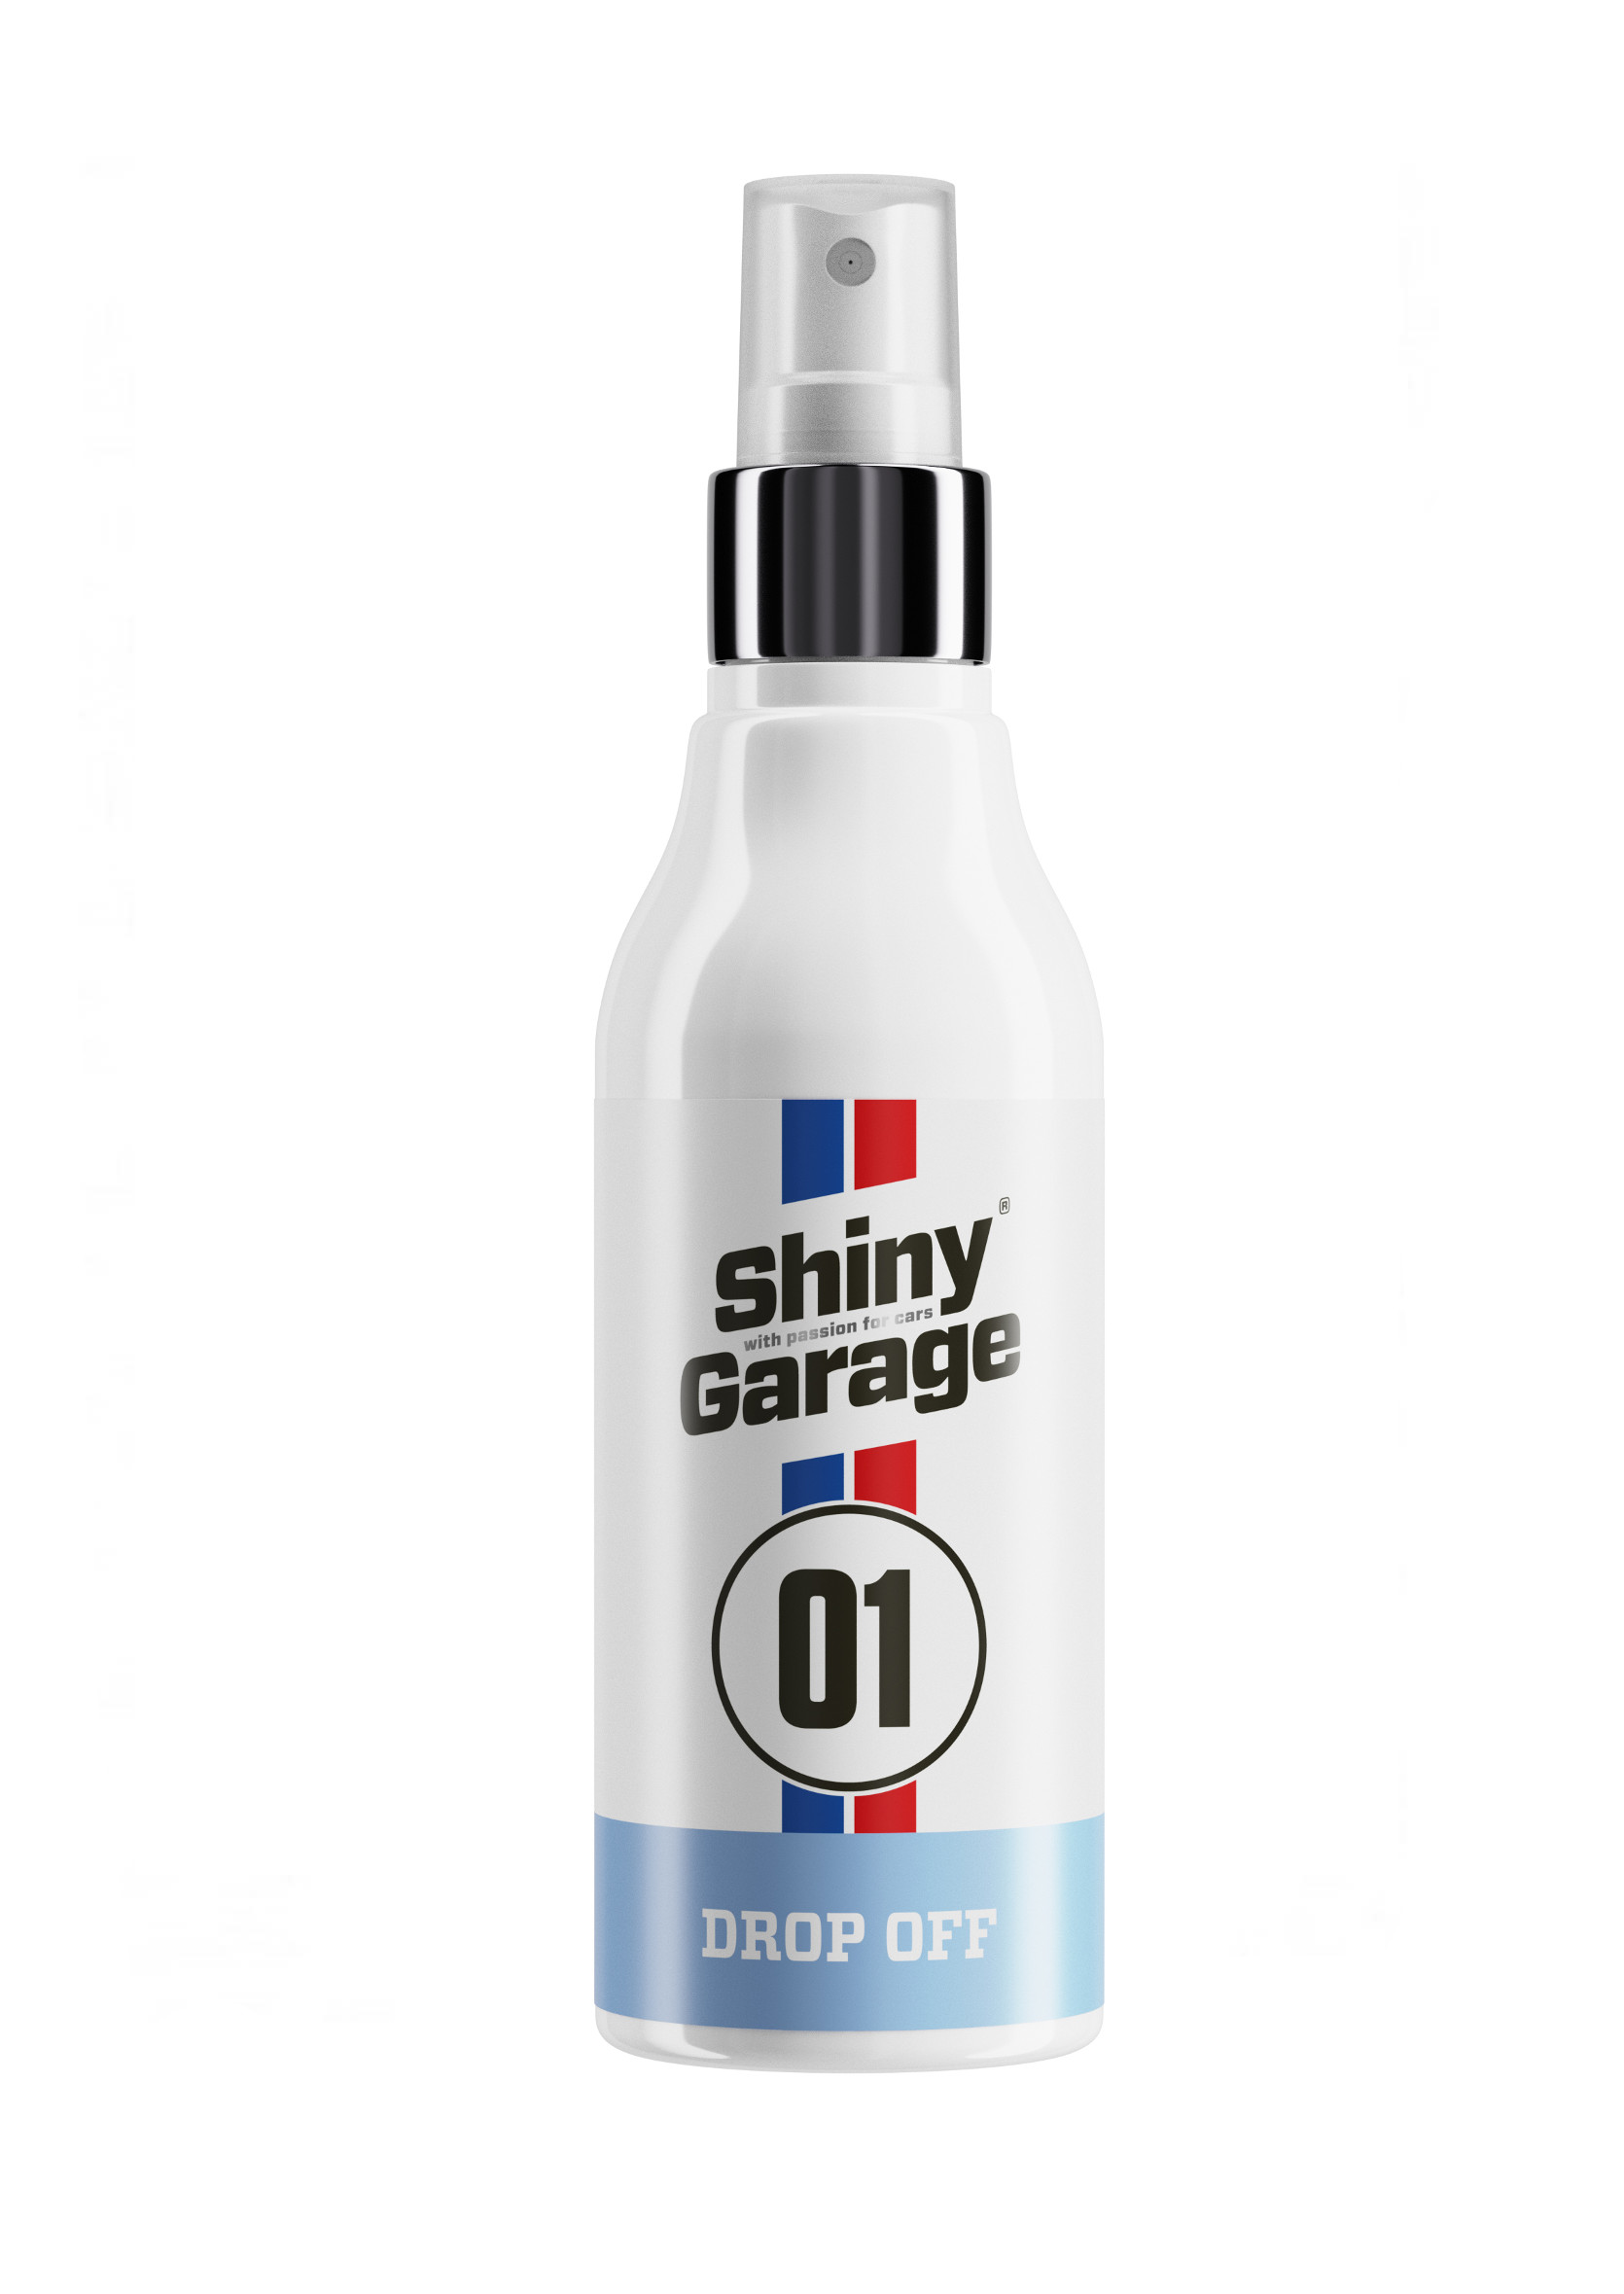 Shiny Garage Drop Off 150ml Niewidzialna Wycieraczka